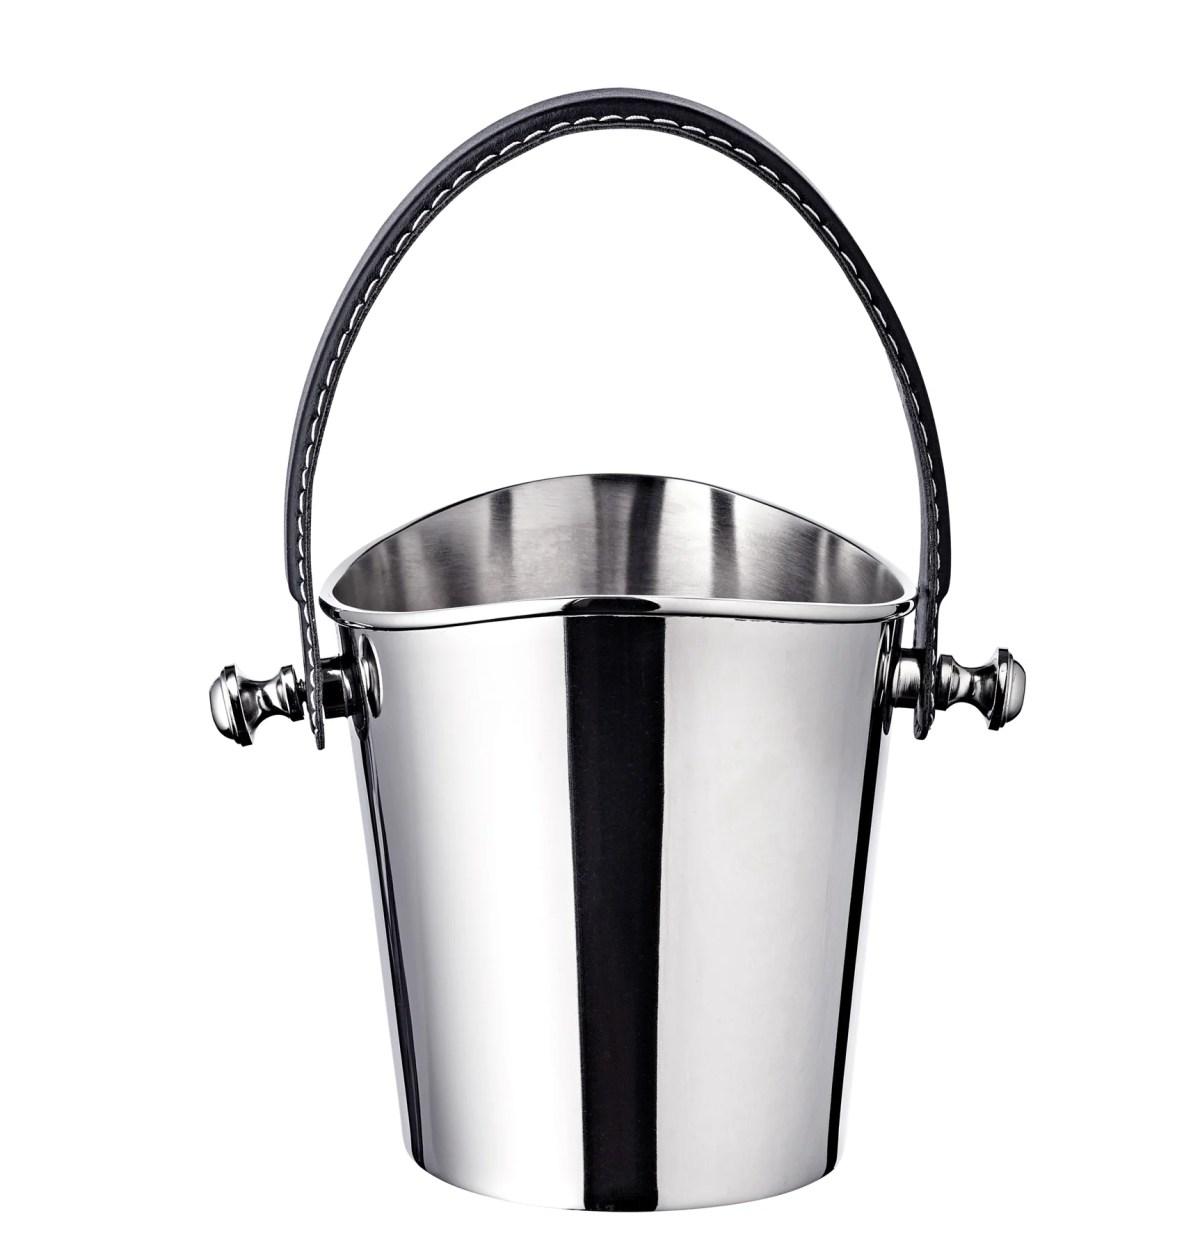 8461 Eiseimer Gilbert Weinkühler mit schwarzem Ledergriff, Edelstahl glänzend vernickelt, Höhe 23 cm